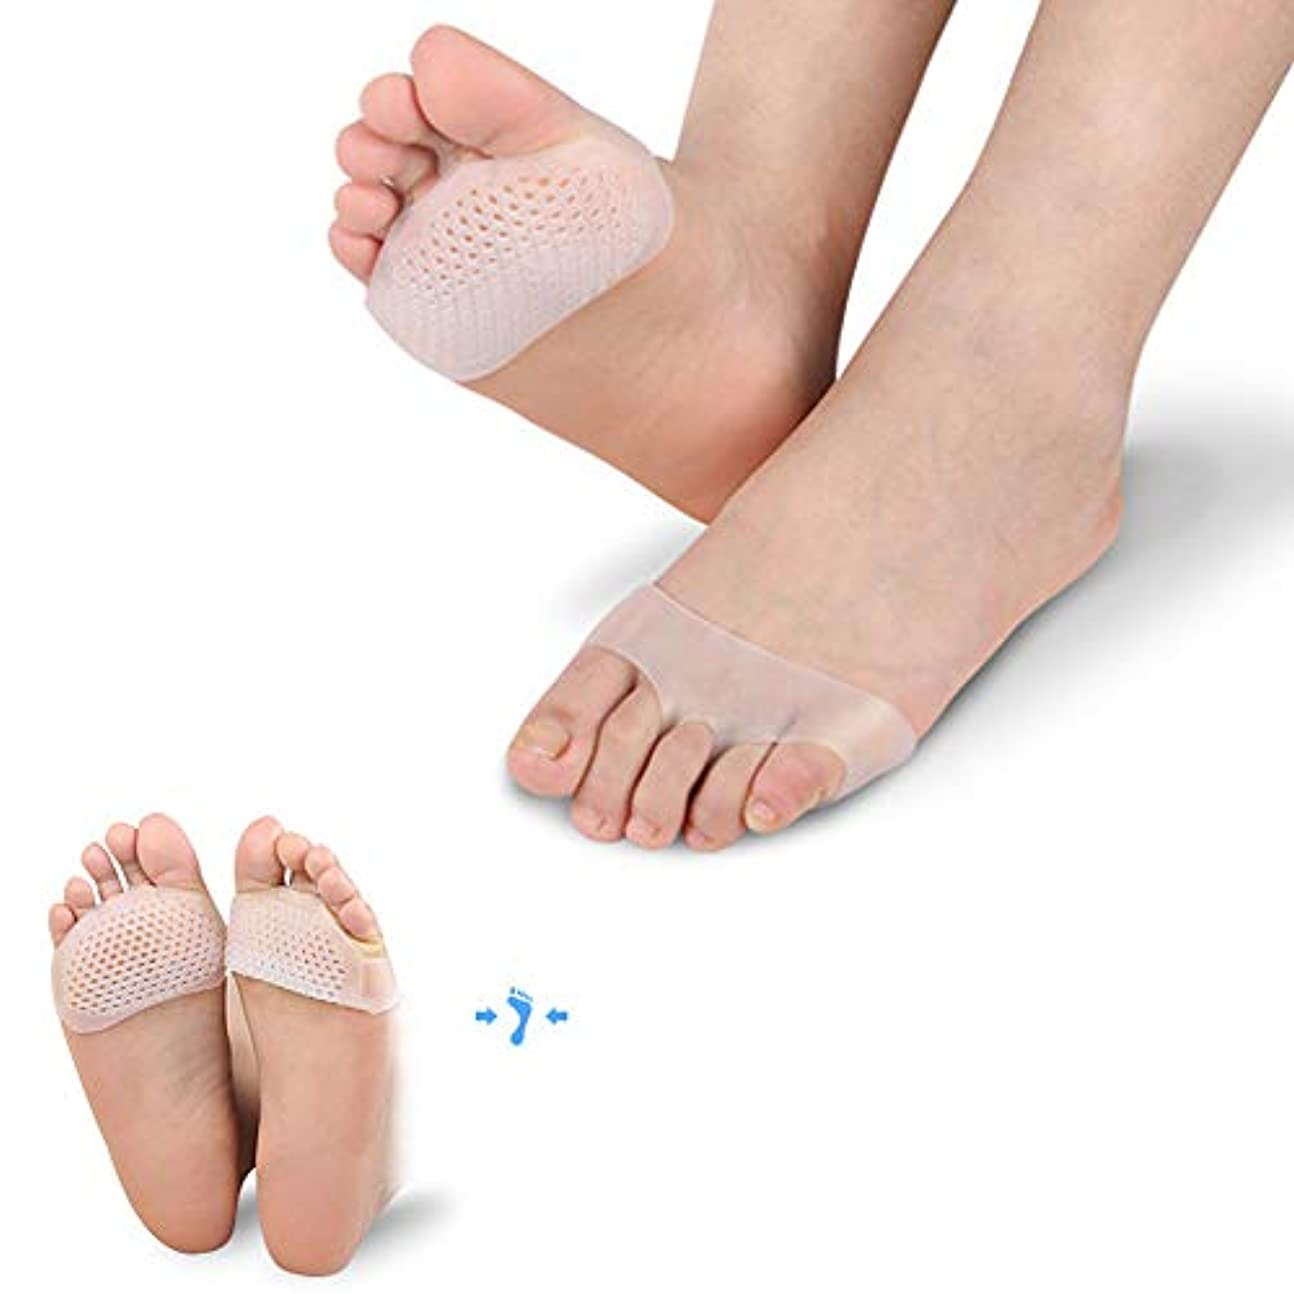 ロマンス上院議員むき出し5ペアシリコンつま先セパレータ痛み緩和クッションソフトジェルインソール前足パッド見えない靴スリップ耐性インソールフットケア